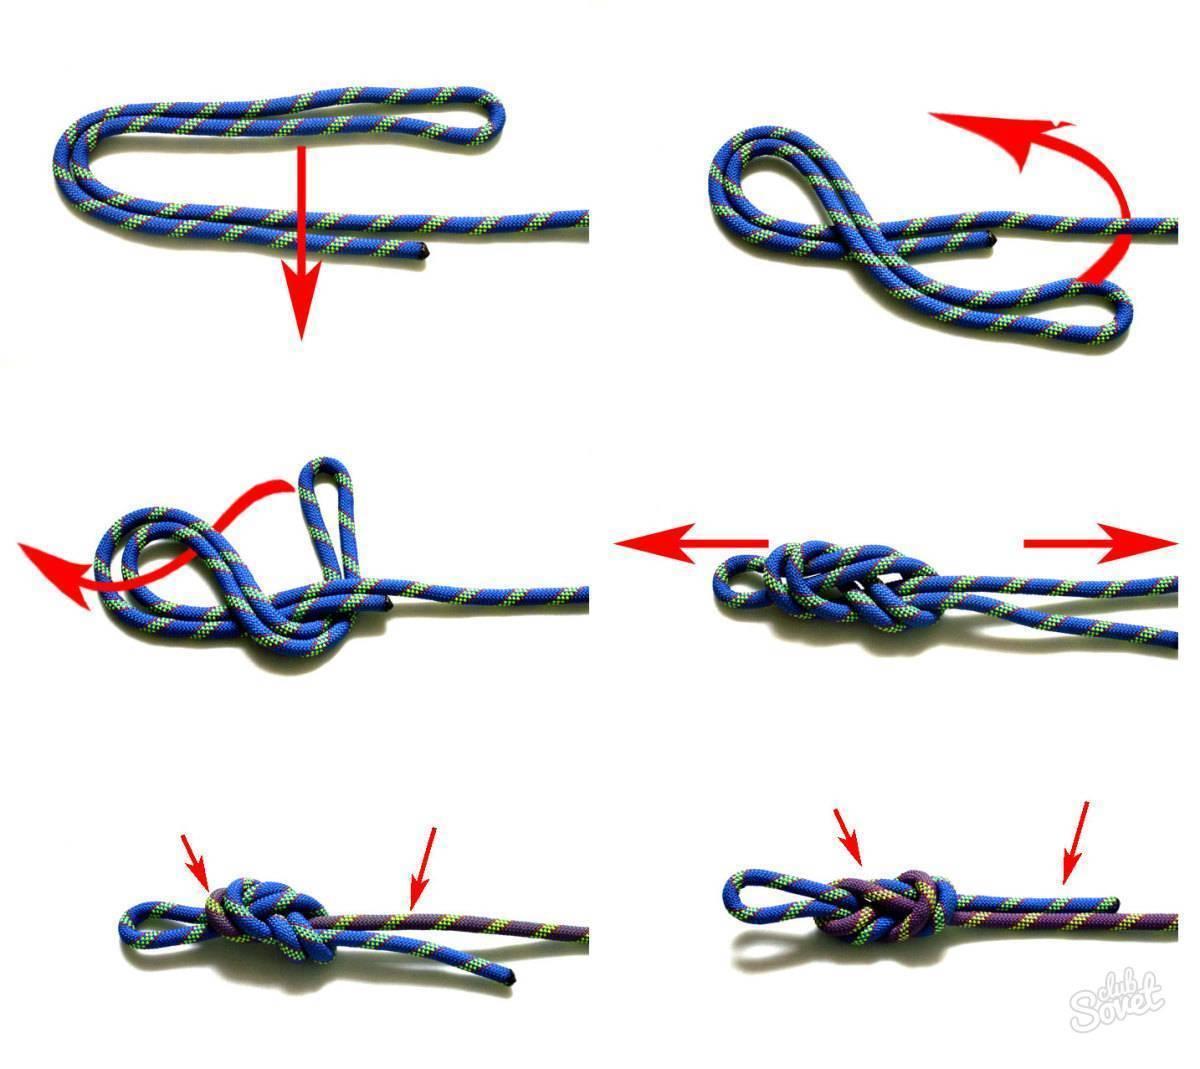 Как вязать узел восьмерку - сделать прочный двойной, крофордский и рыбацкий